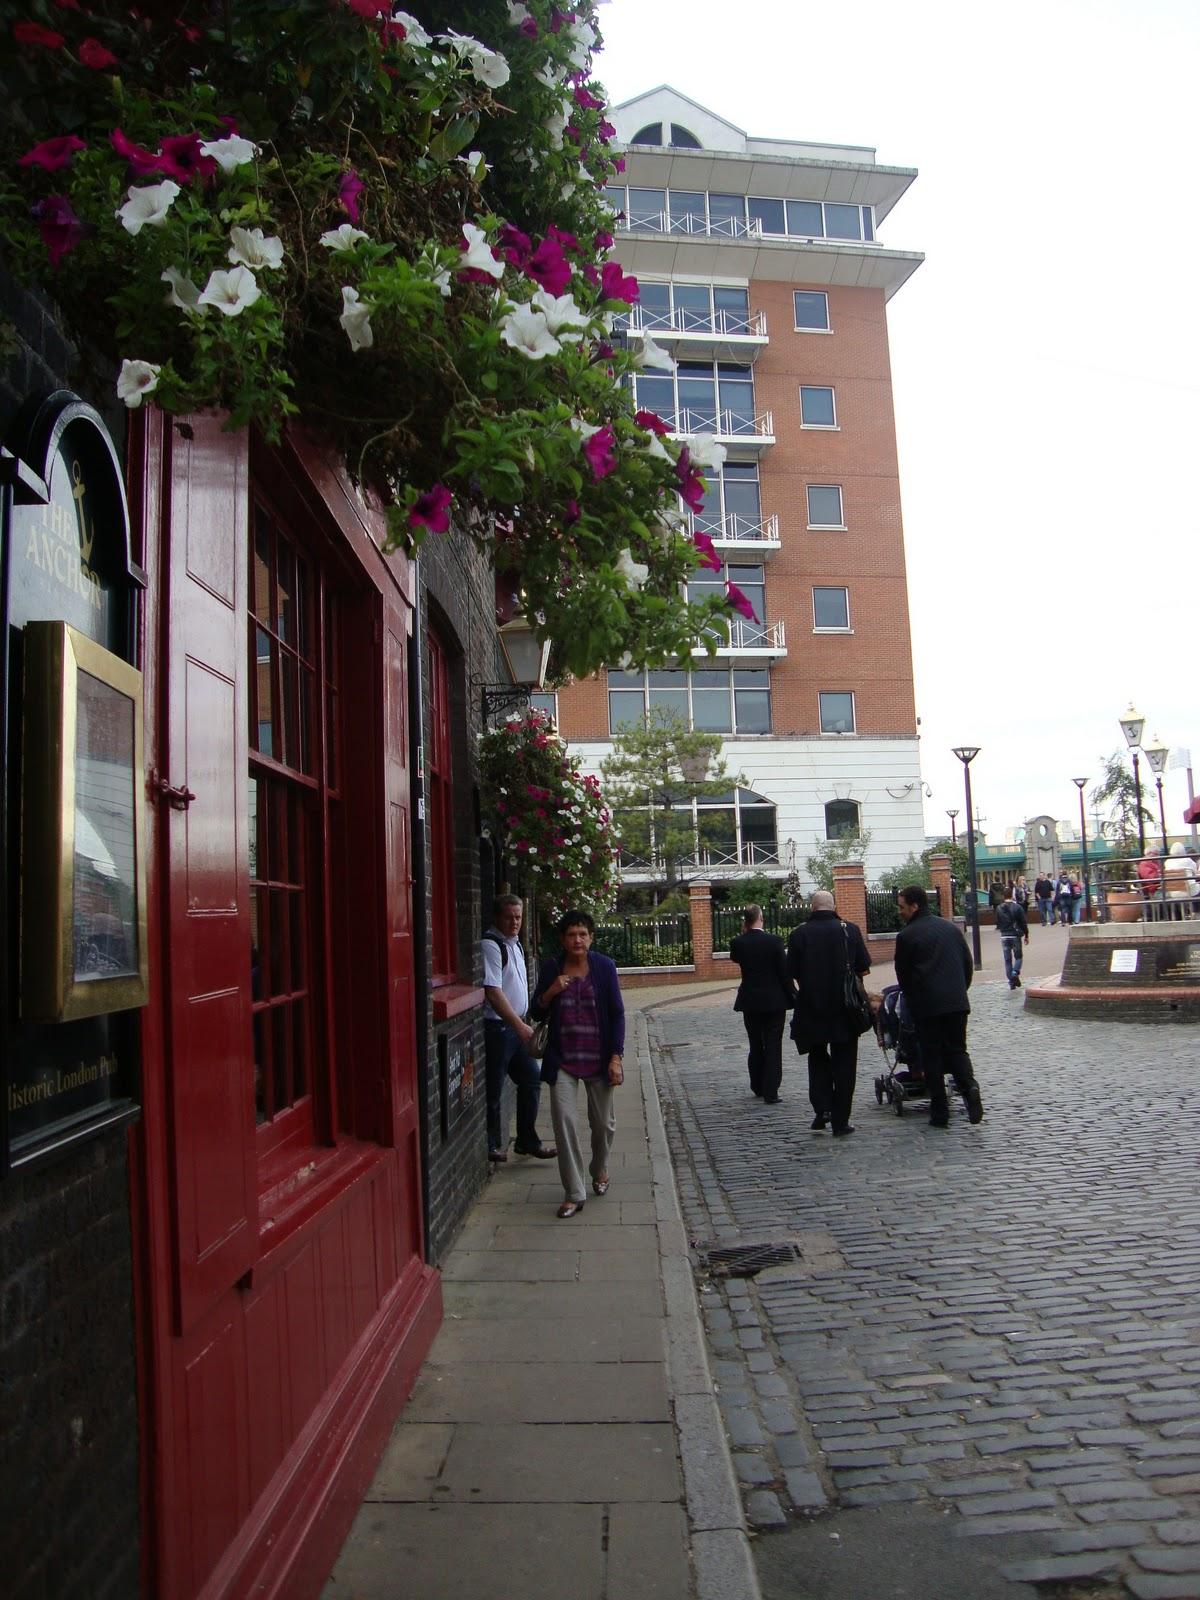 passeggiata sul fiume the anchor uno dei pi antichi pub di londra the globe theater rivive. Black Bedroom Furniture Sets. Home Design Ideas